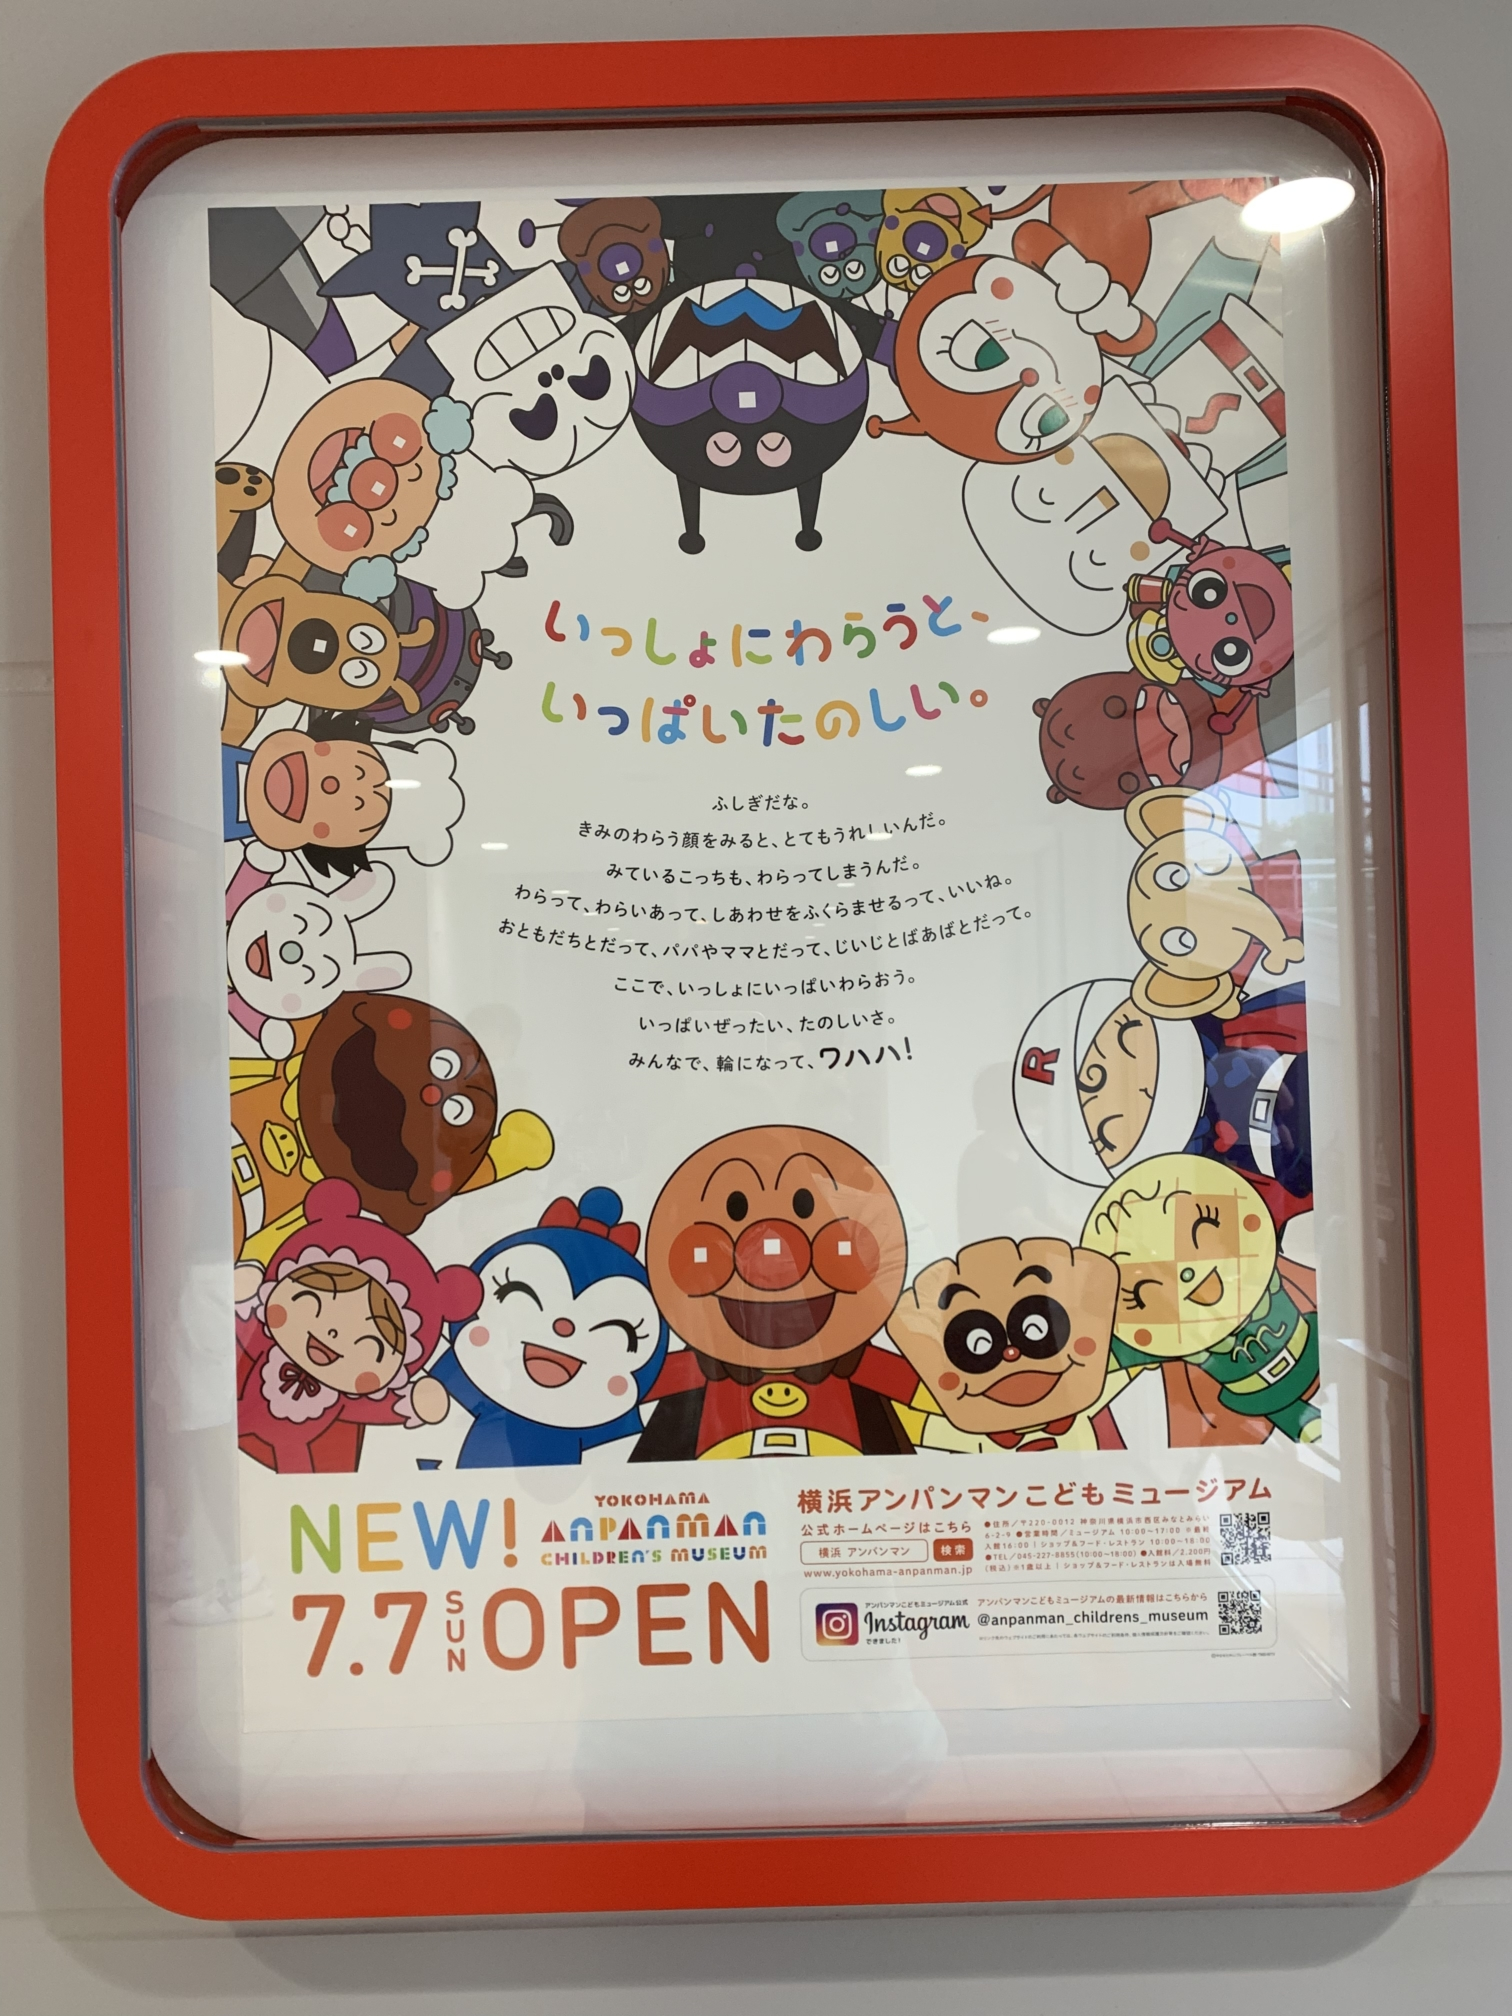 横浜アンパンマンミュージアム【7月7日オープン】